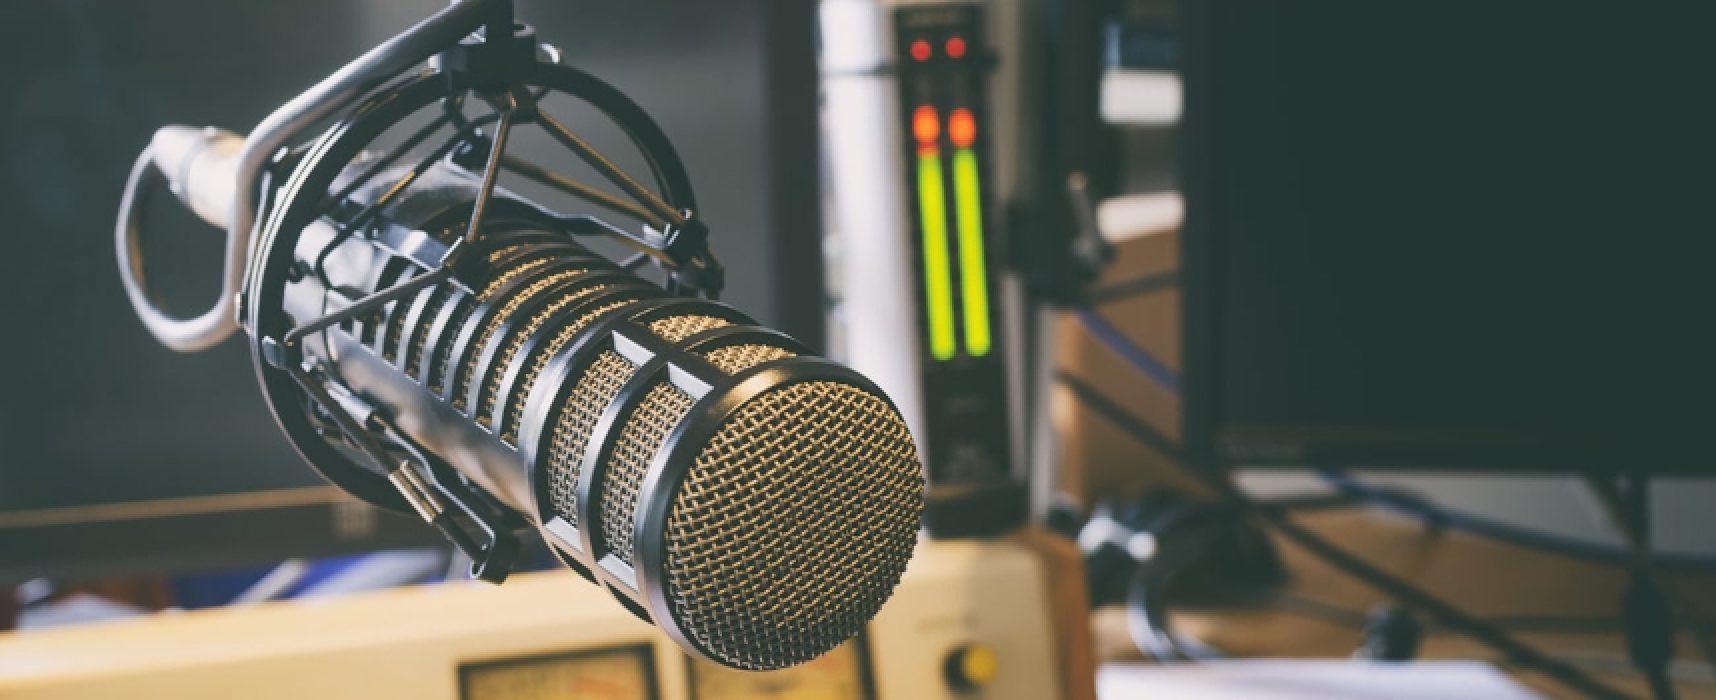 Club per l'Unesco Bisceglie e Radio Centro celebrano la IX Giornata mondiale della radio